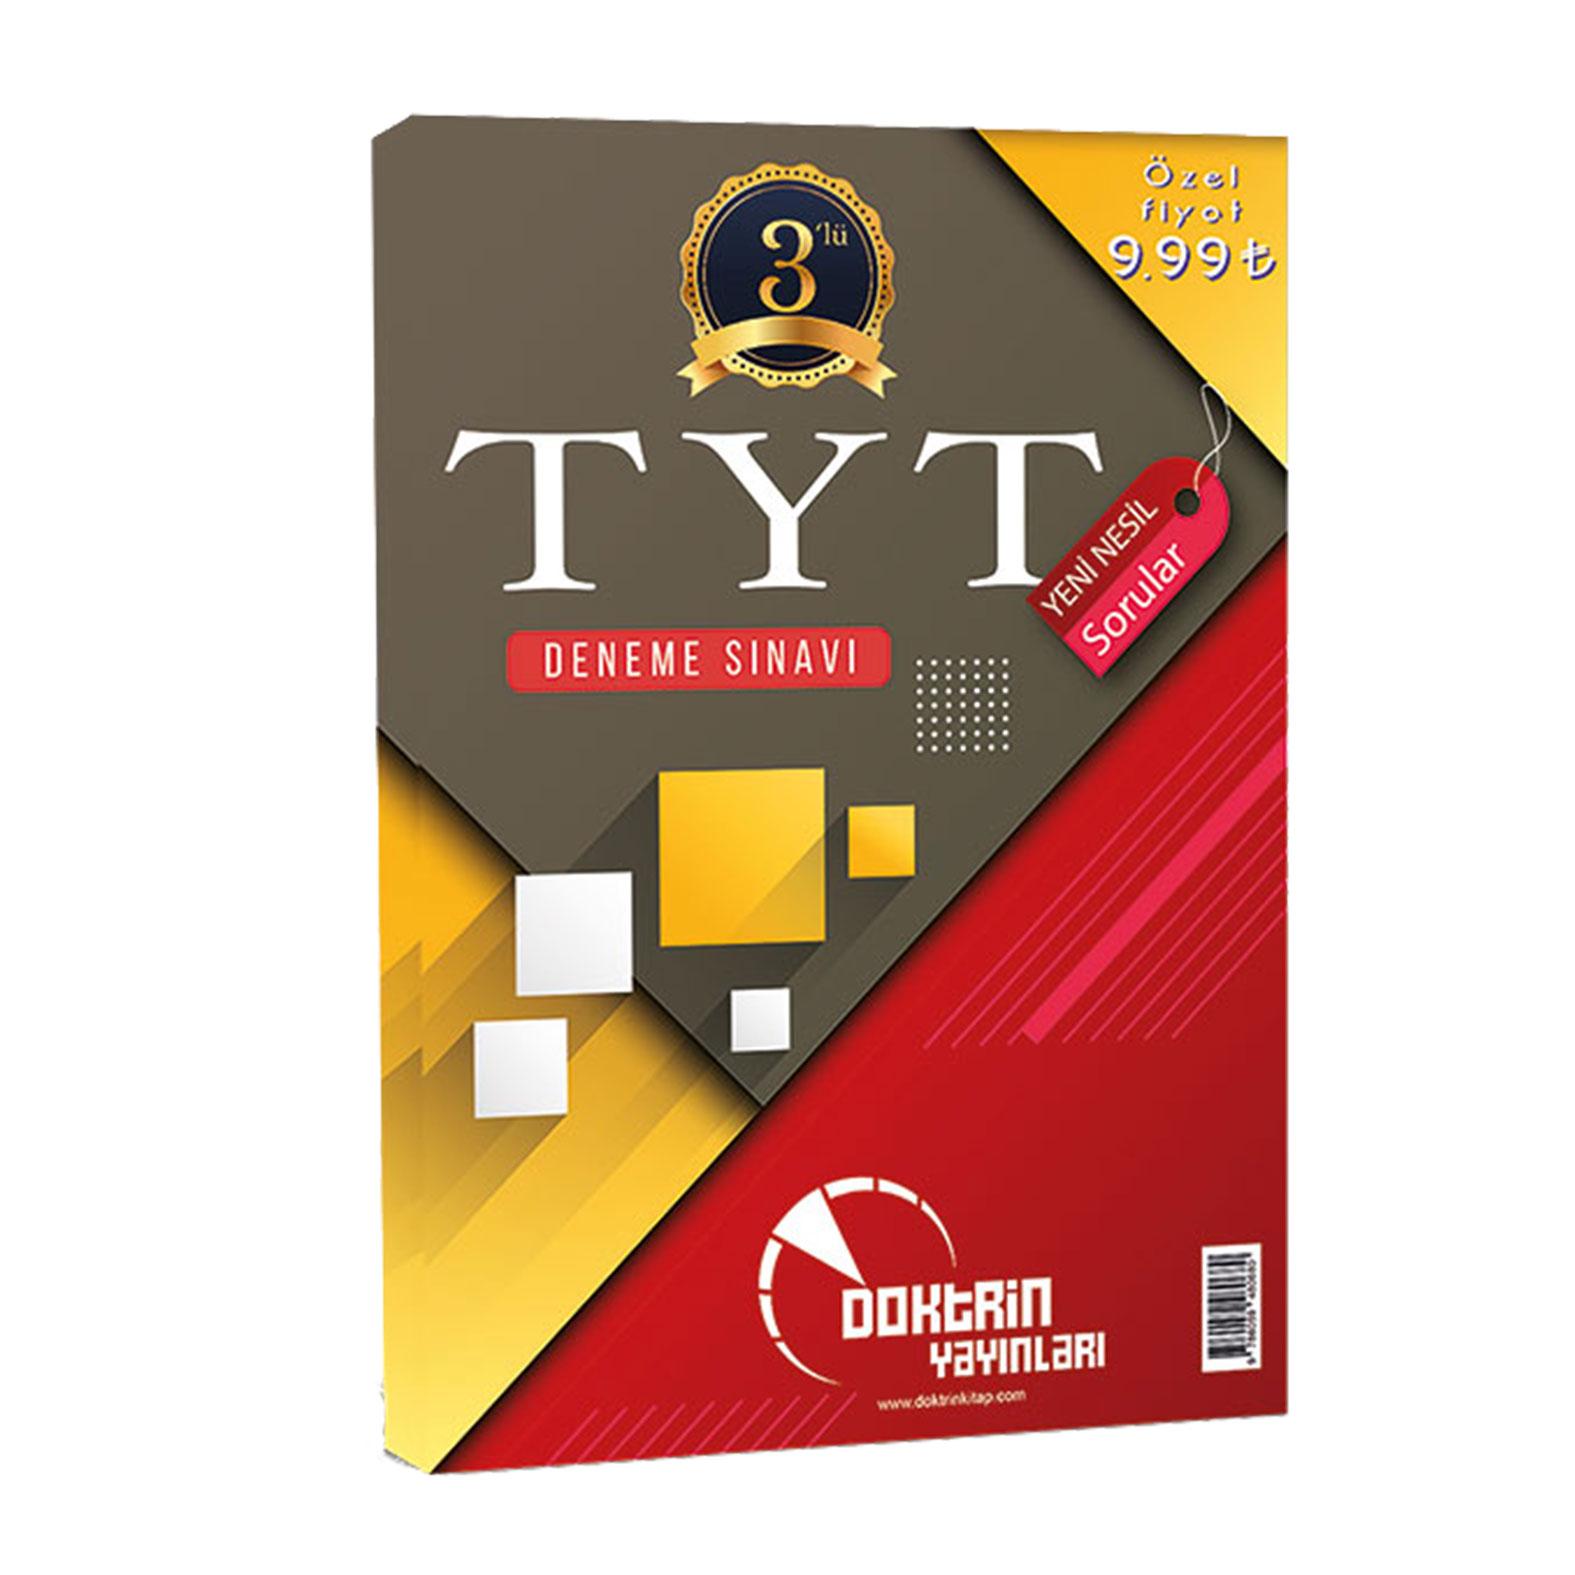 TYT 3 lü Deneme Sınavı